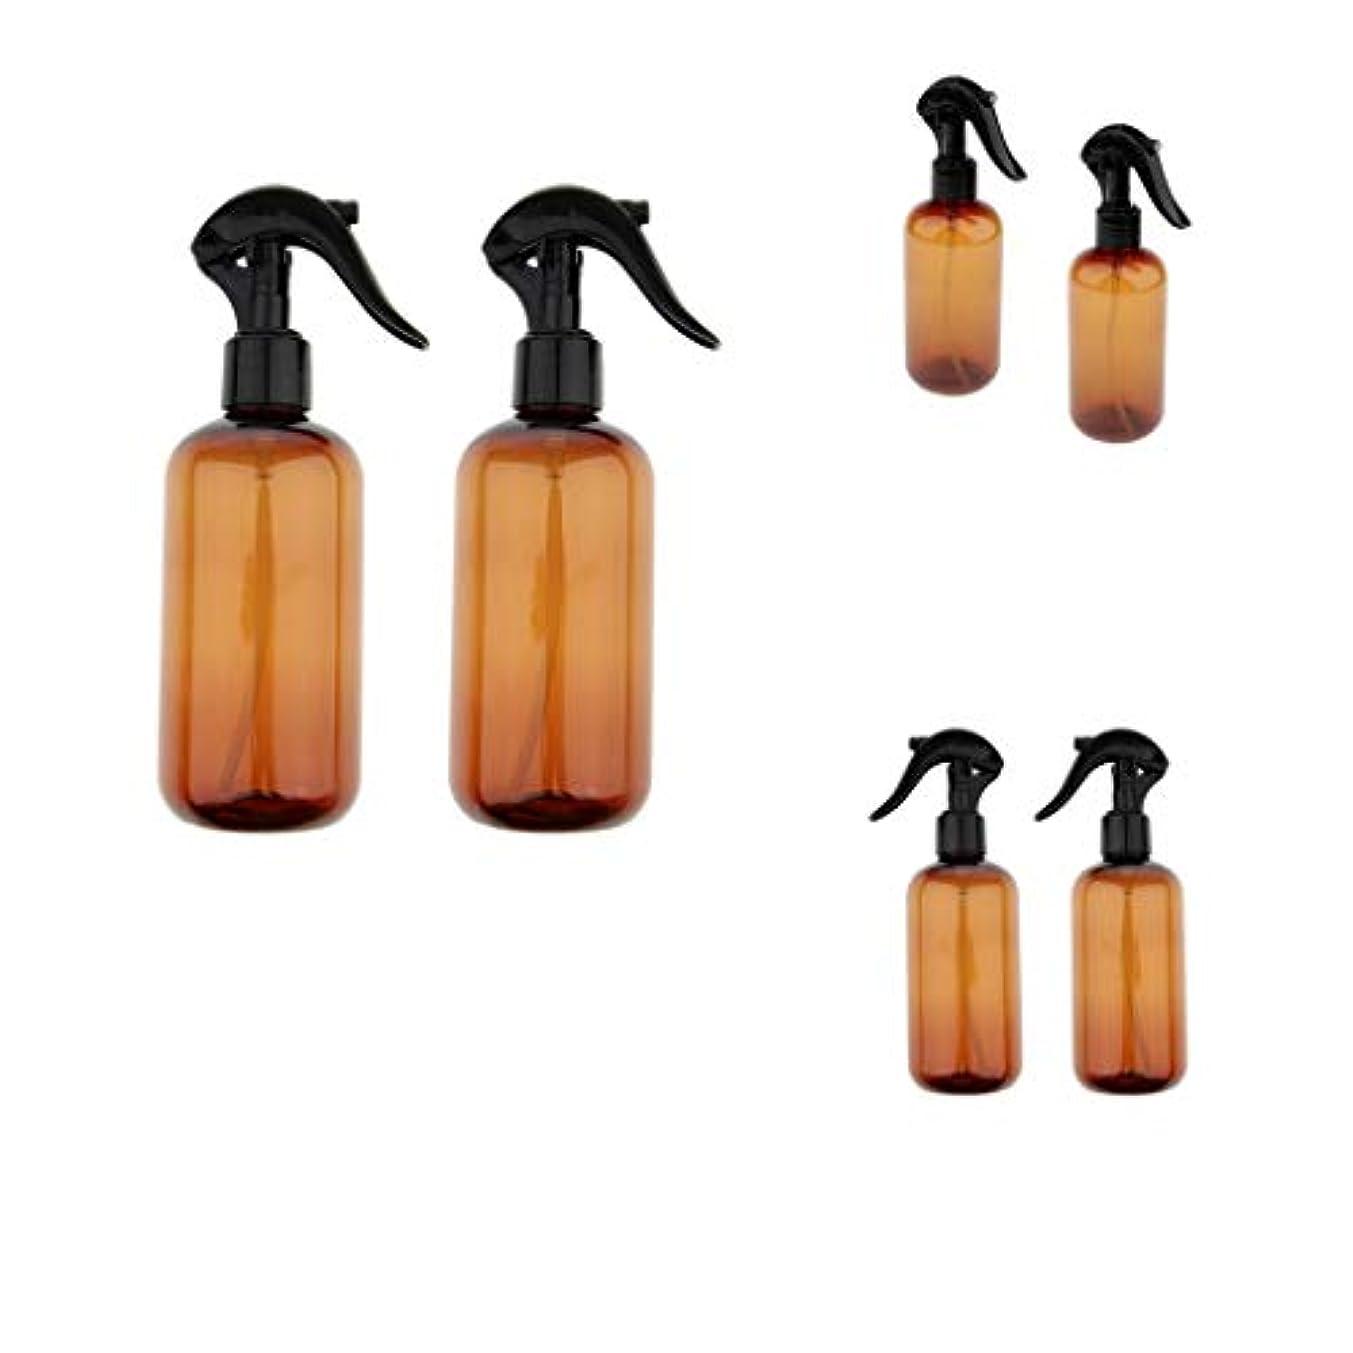 感嘆符アルコーブ邪魔する液体用空ボトル 押し式詰替用ボトル 詰替え容器 霧吹き 空ボトル スプレーボトル 遮光瓶 6個入り